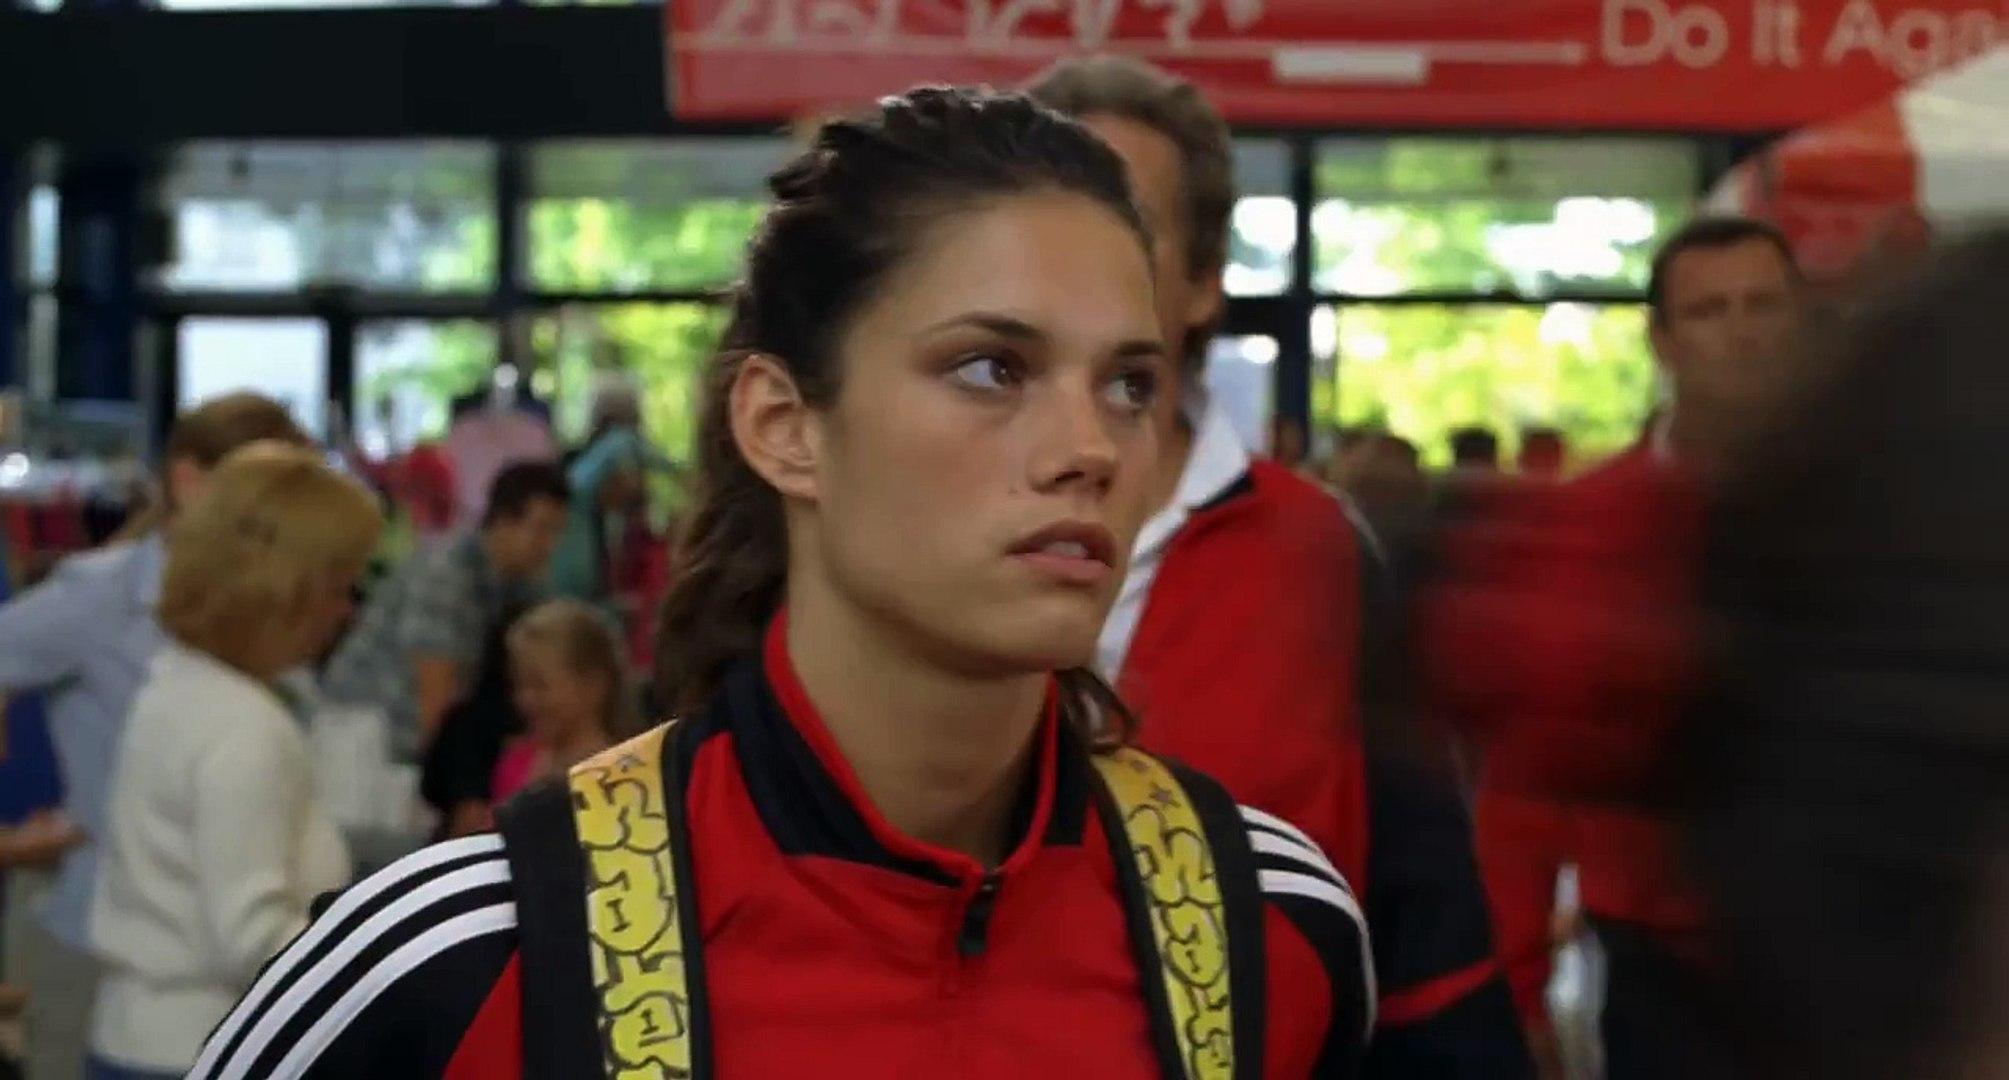 Rebell in Turnschuhen (2006) Trailer